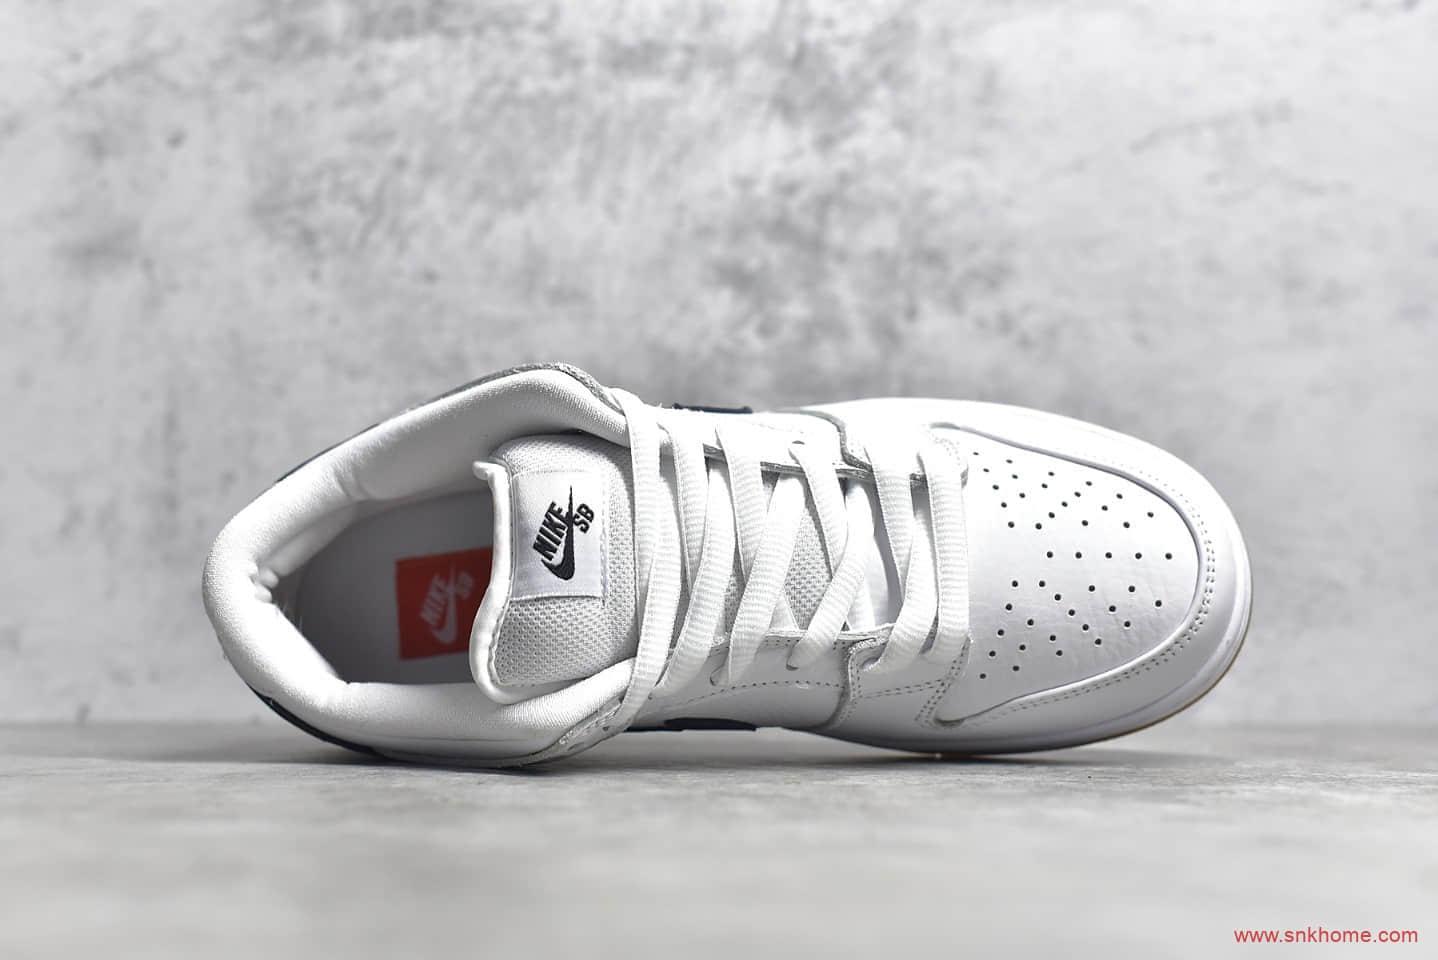 耐克DUNK SB白黑色低帮 NIKE SB Dunk Low Pro ISO 黑白经典低帮板鞋 货号:CD2563-100-潮流者之家